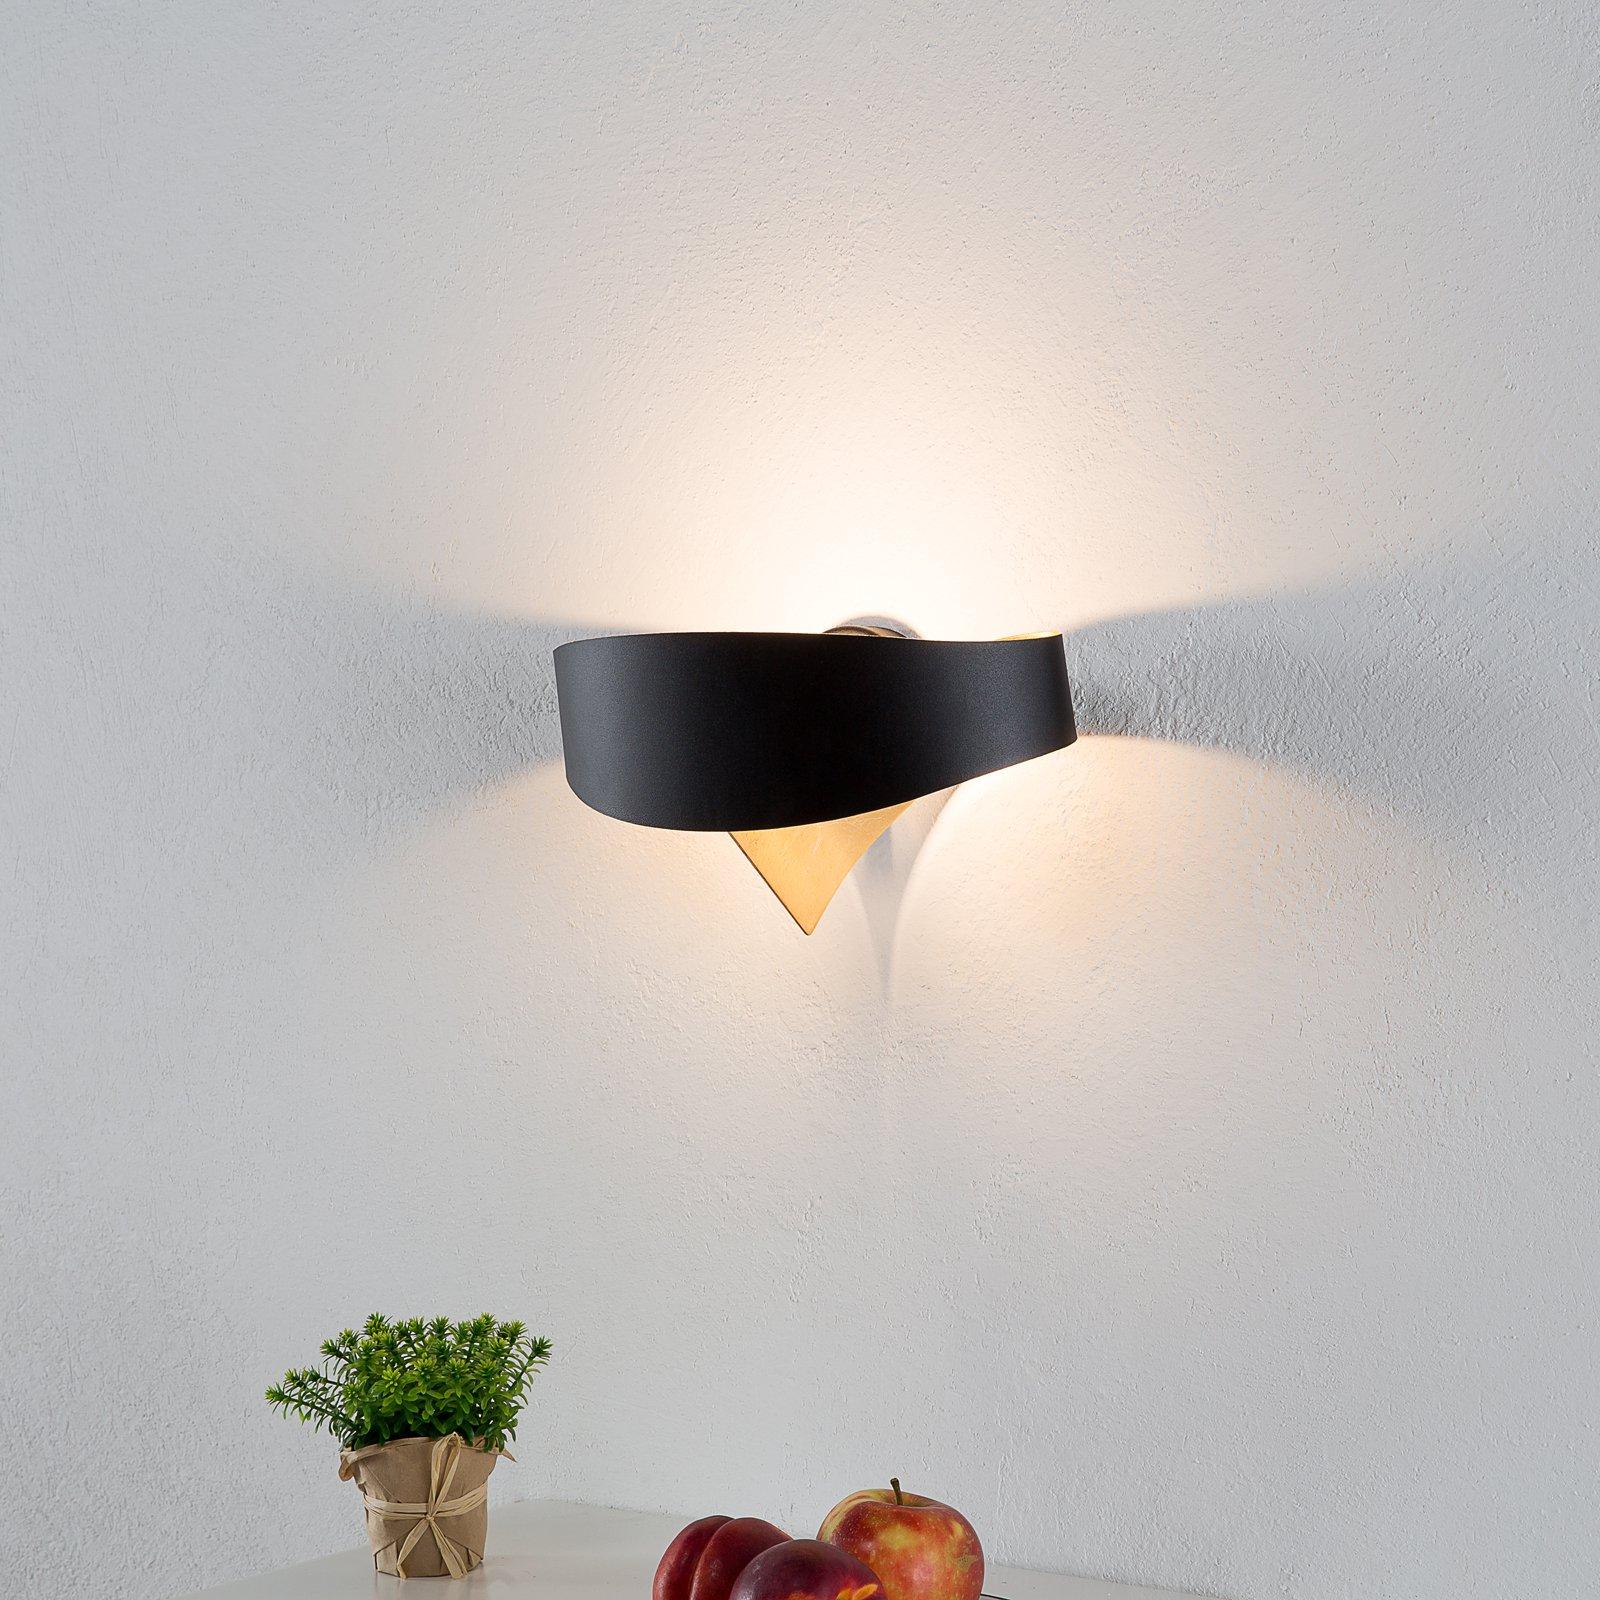 Svart, gyllen designtaklampe Scudo LED